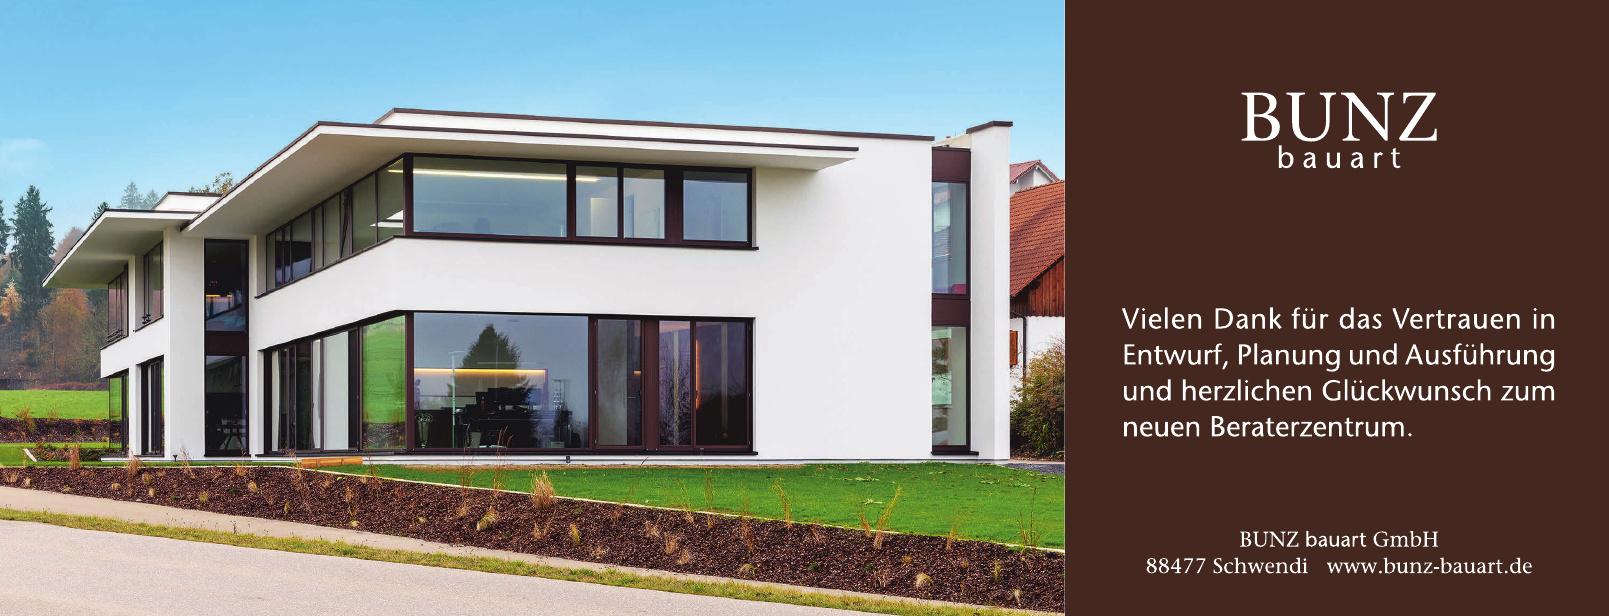 Bunz Bauart GmbH